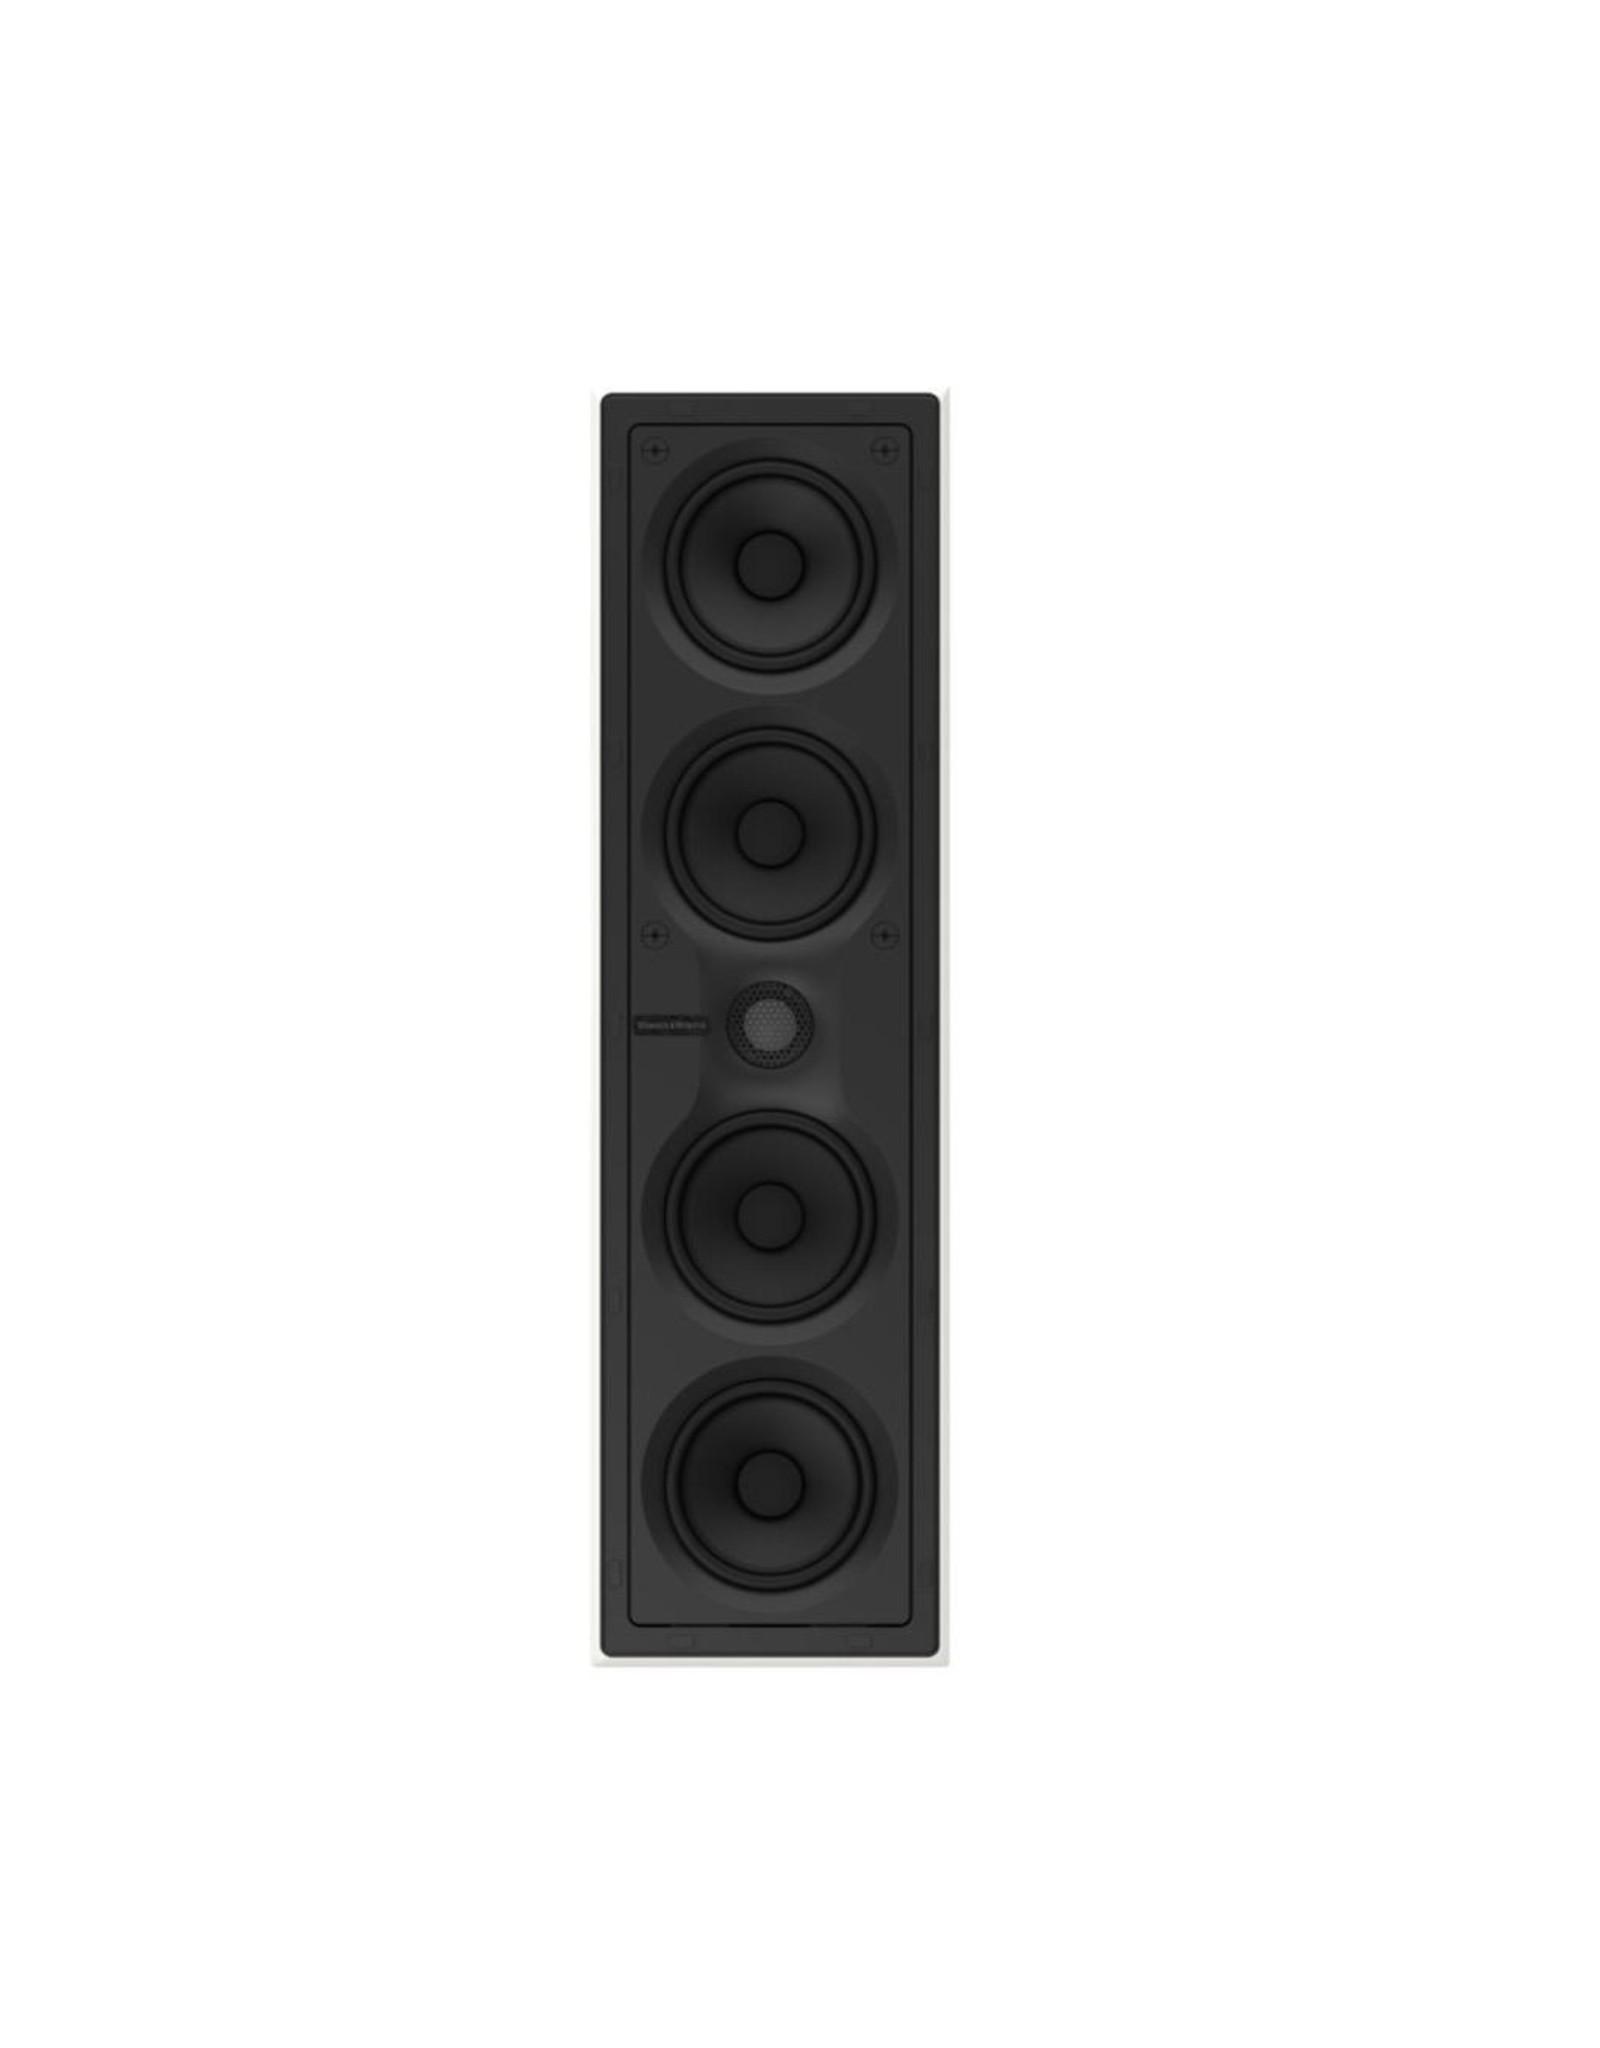 BOWERS & WILKINS B&W CWM7.4 S2  In Wall Speaker (single) WHITE